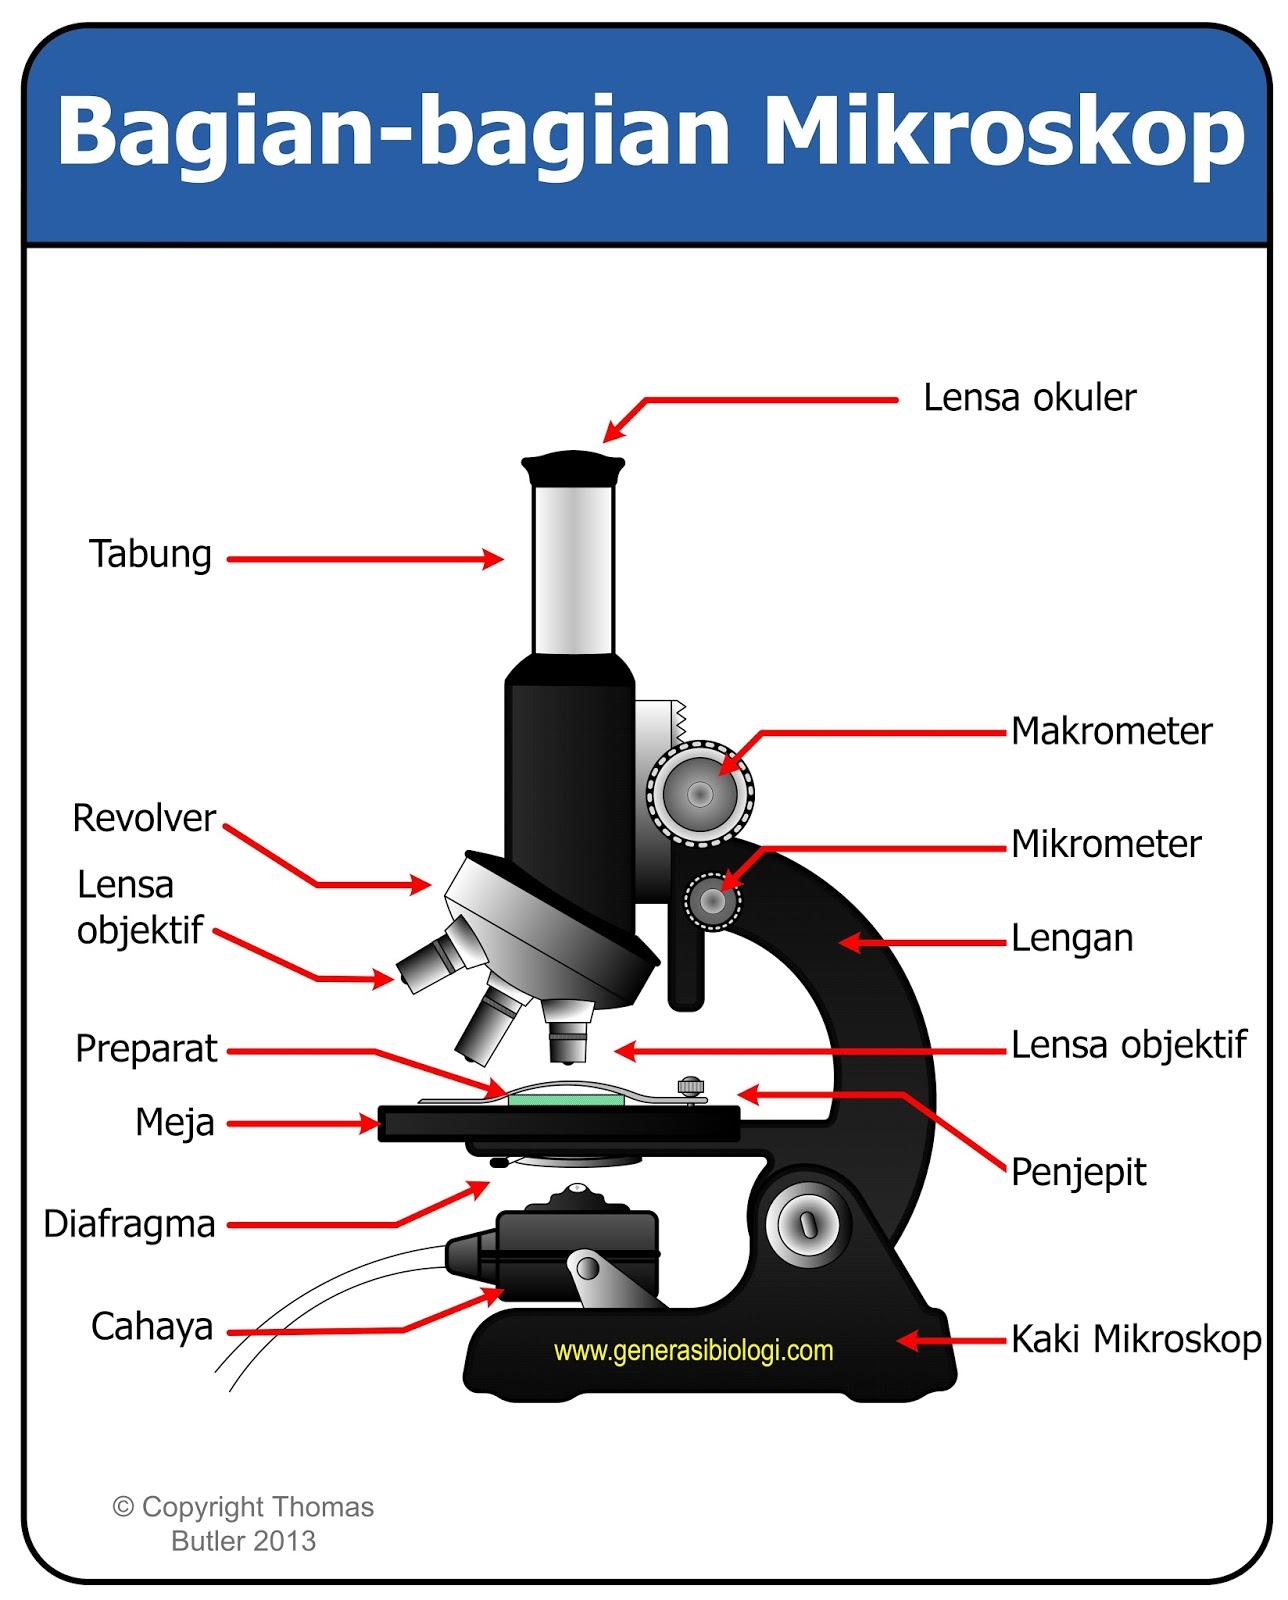 Bagian-bagian Mikroskop Beserta Fungsinya : bagian-bagian, mikroskop, beserta, fungsinya, Suyatno, Rindang, Farmasis:, Macam-macam, Mikroskop, Fungsinya